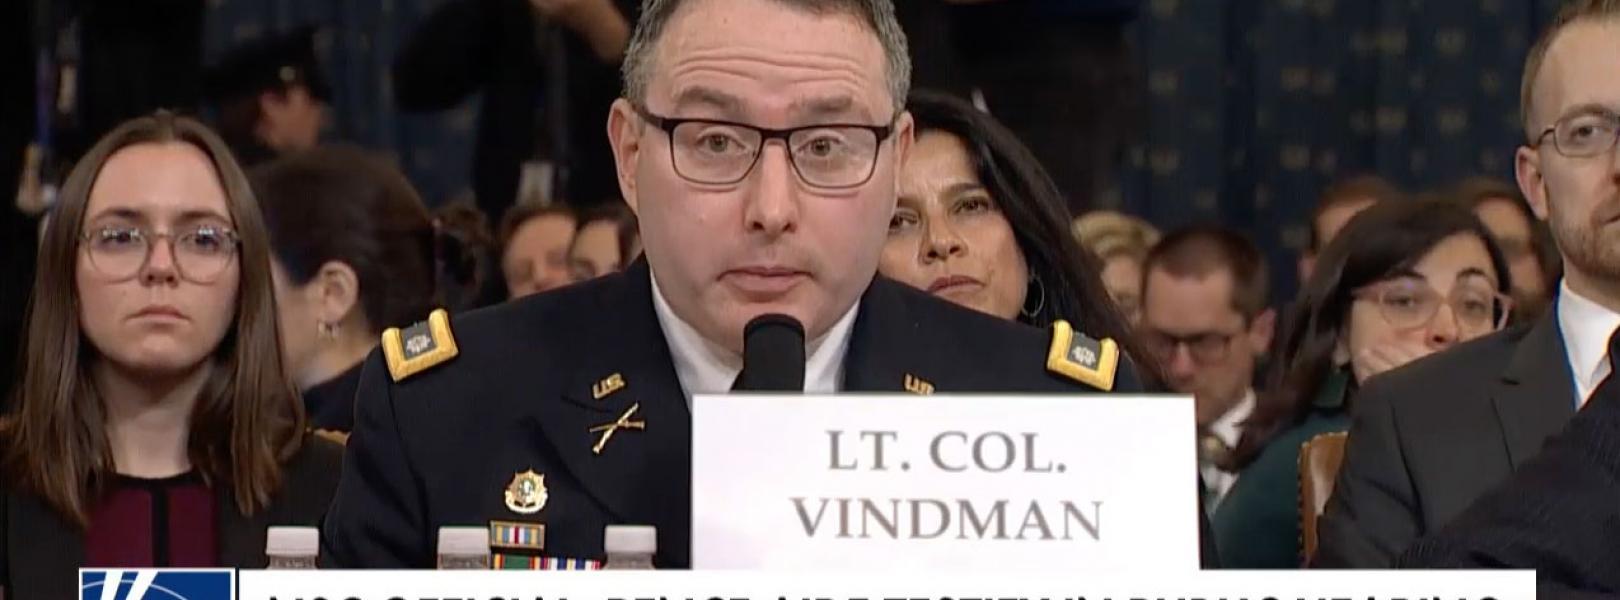 Lt Col Alexander Vindman